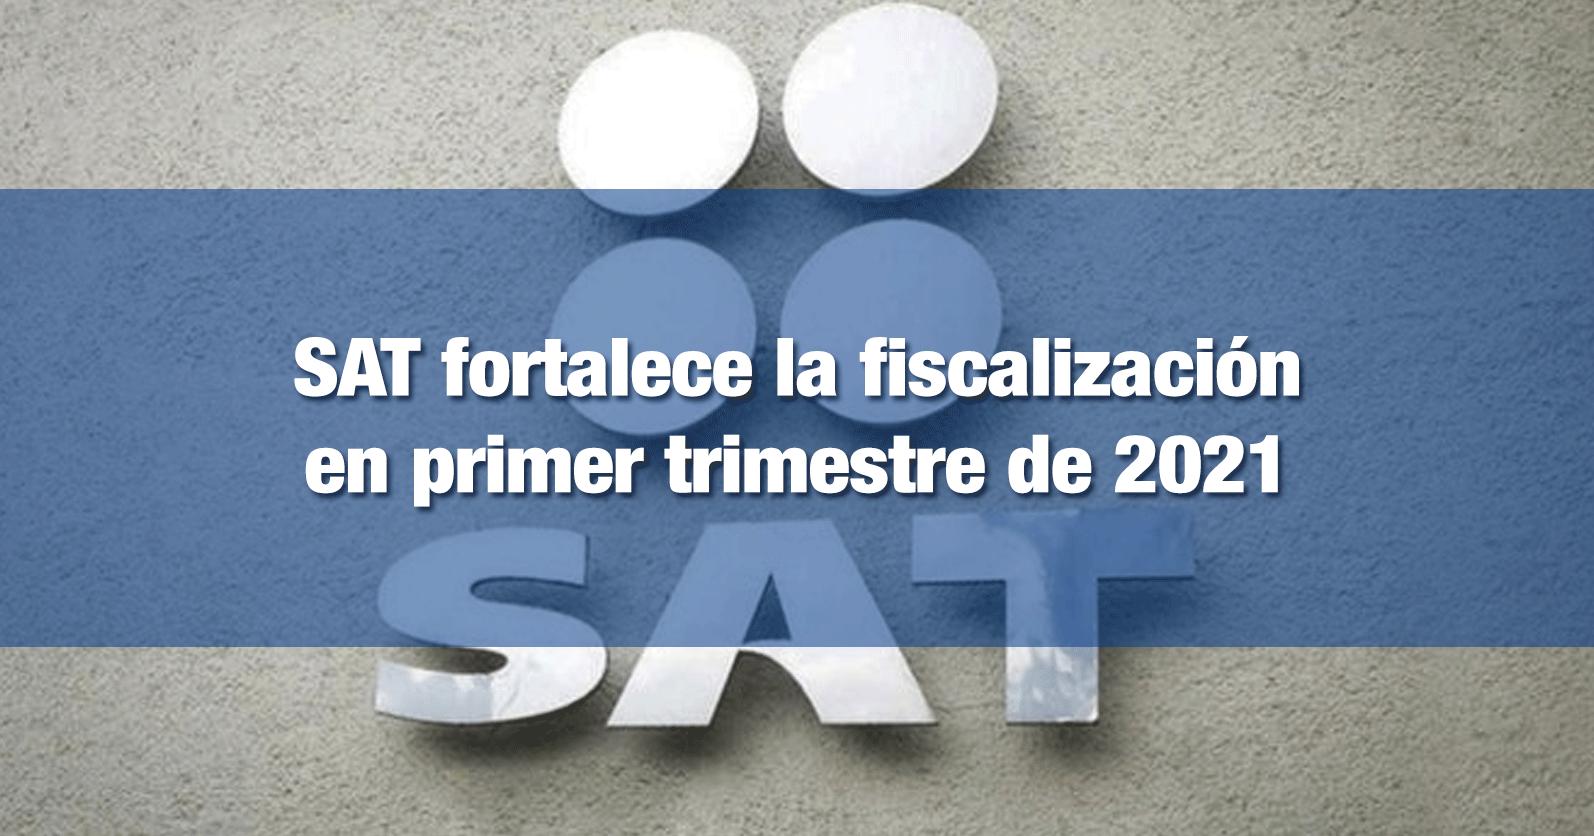 SAT fortalece la fiscalización en primer trimestre de 2021